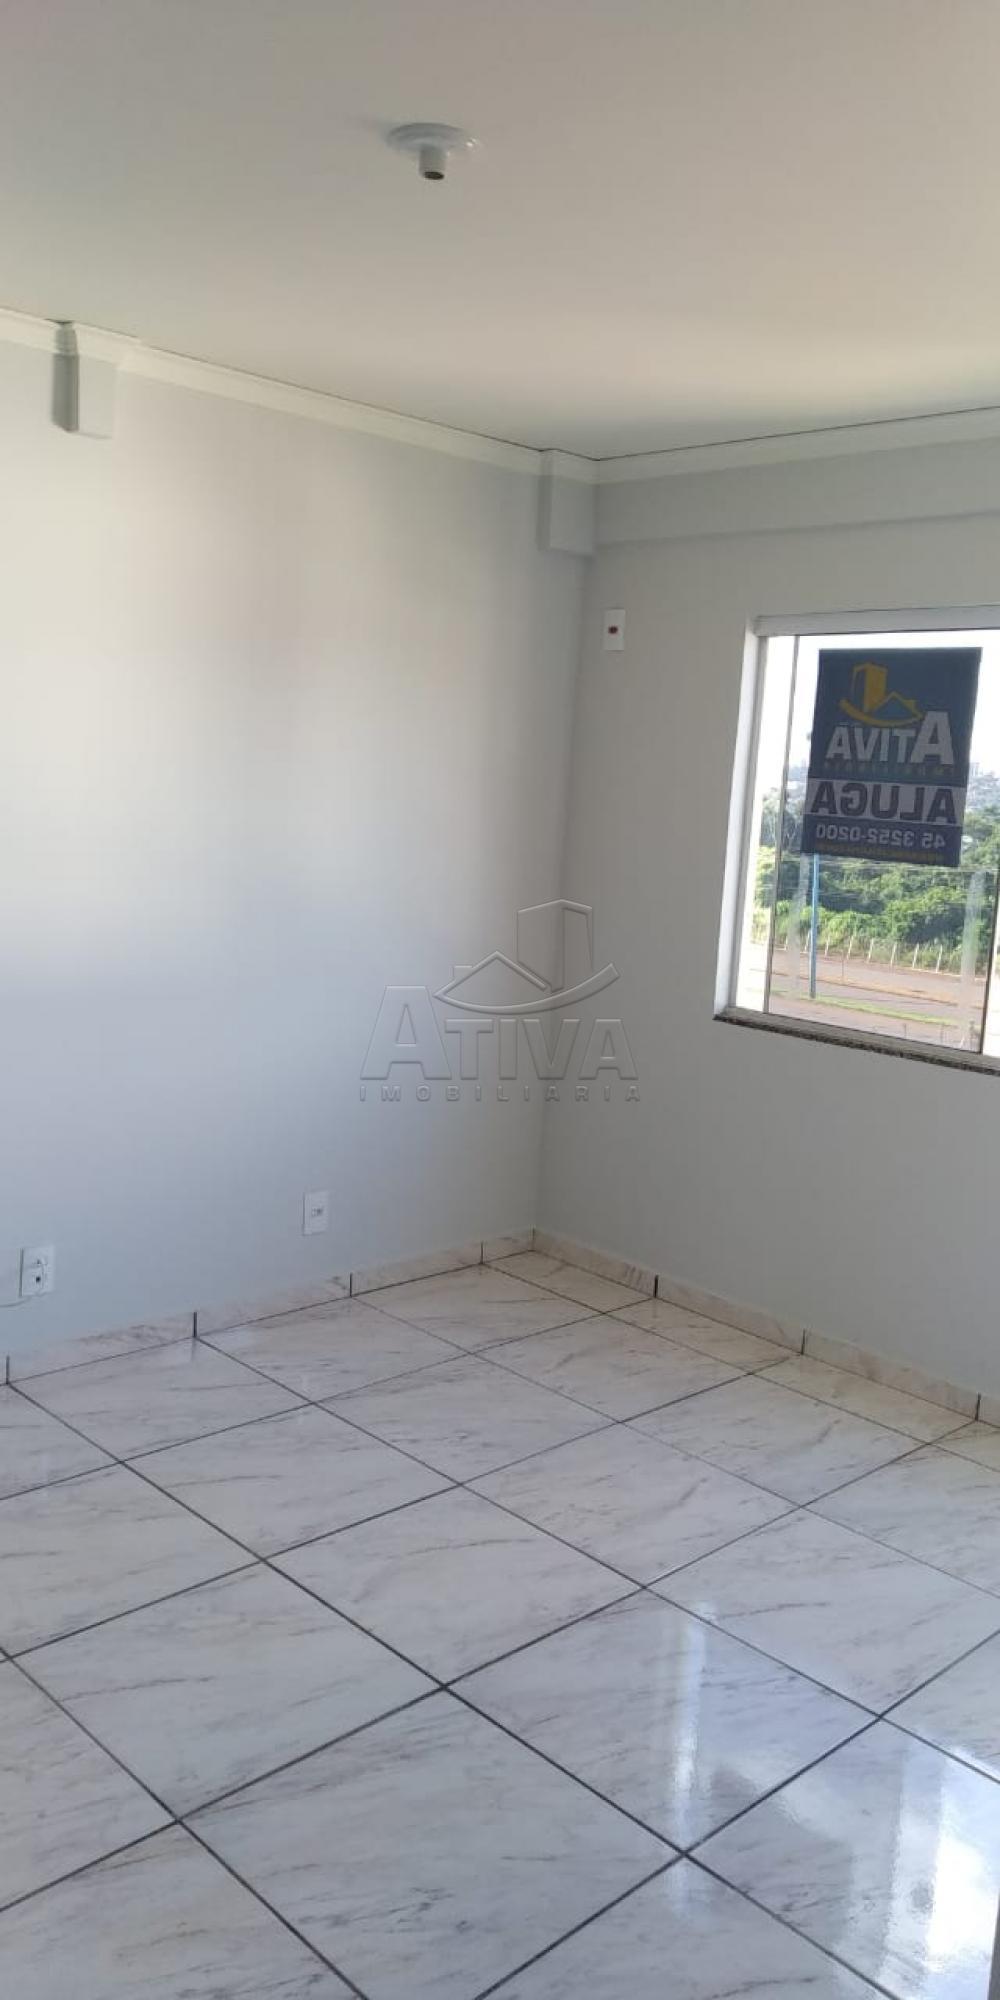 Comprar Apartamento / Padrão em Toledo apenas R$ 178.000,00 - Foto 10